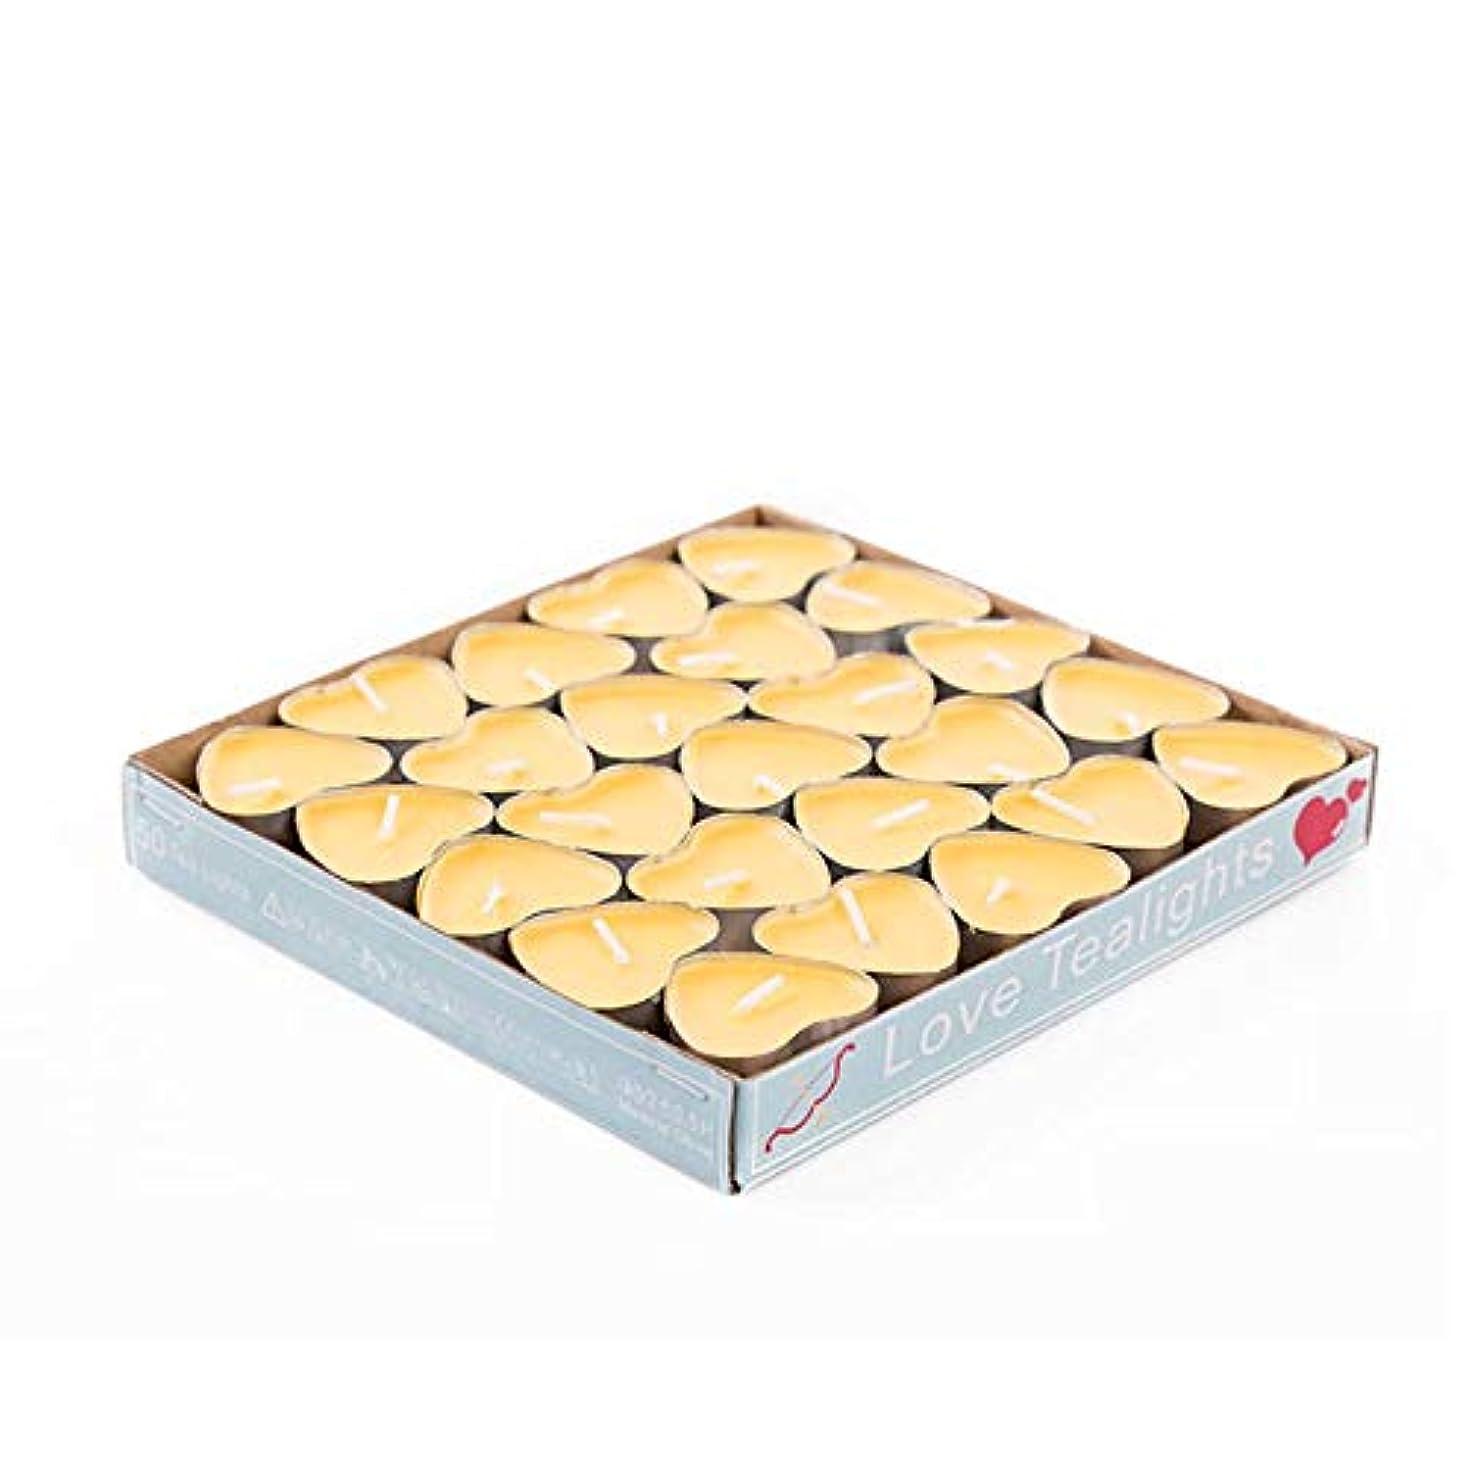 心理的普遍的な三角形Hwagui 心の形 アロマキャンドル キャンドル アロマキャンドル キャンドル バターキャンドル 温かいお茶キャンドル 香りのキャンドル ギー ティーワックス 50個 2時間 ZH006